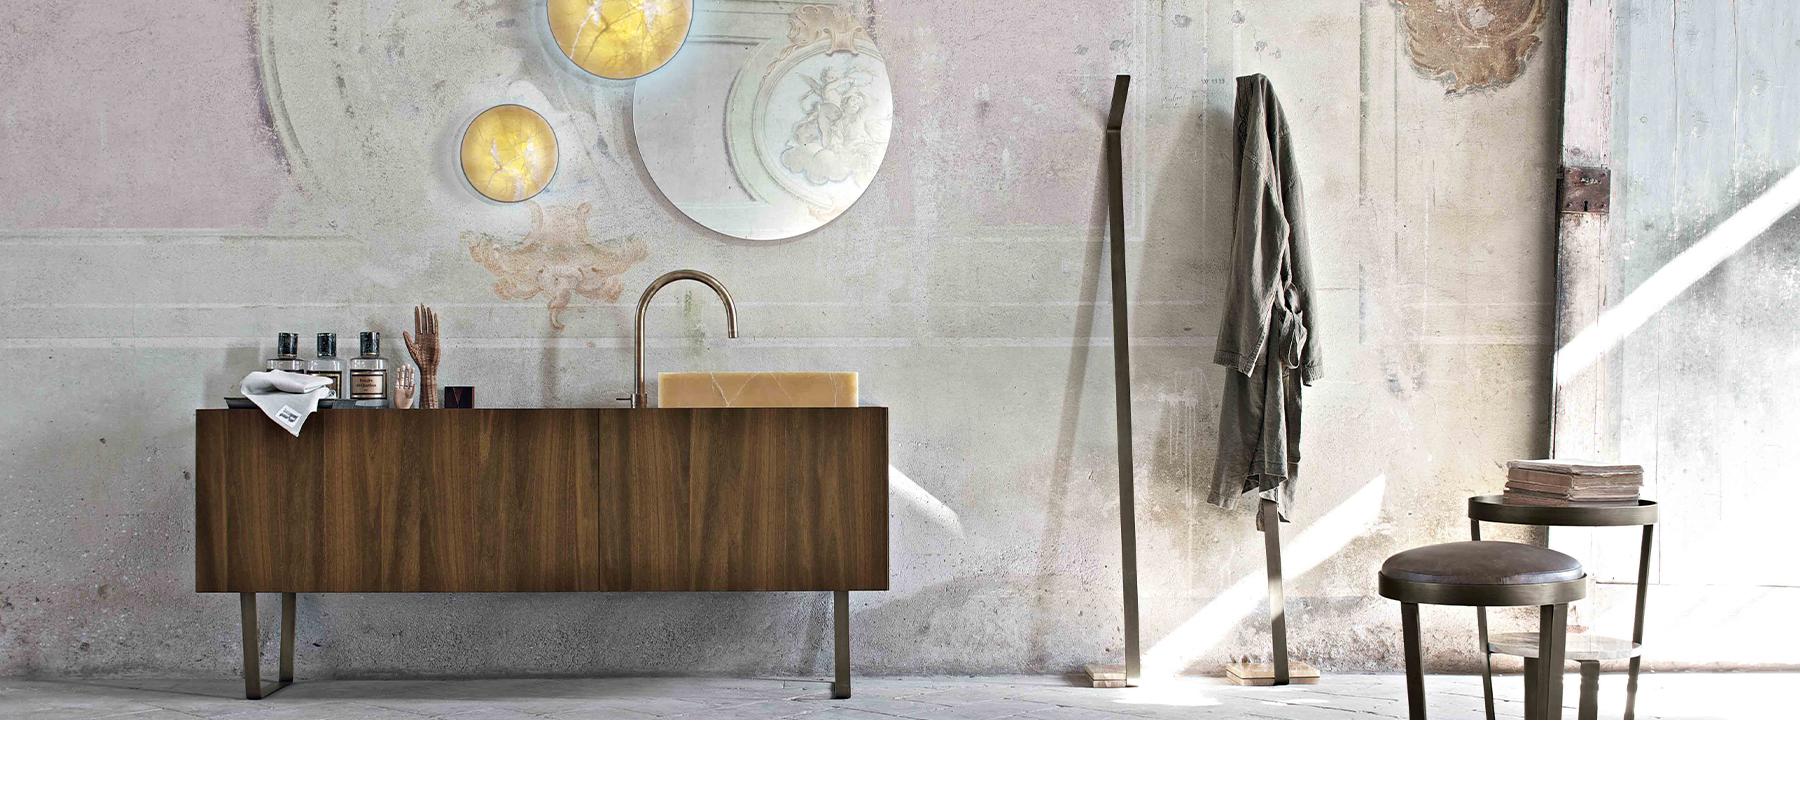 Salle de bain influences vintage intérieur littoz annecy